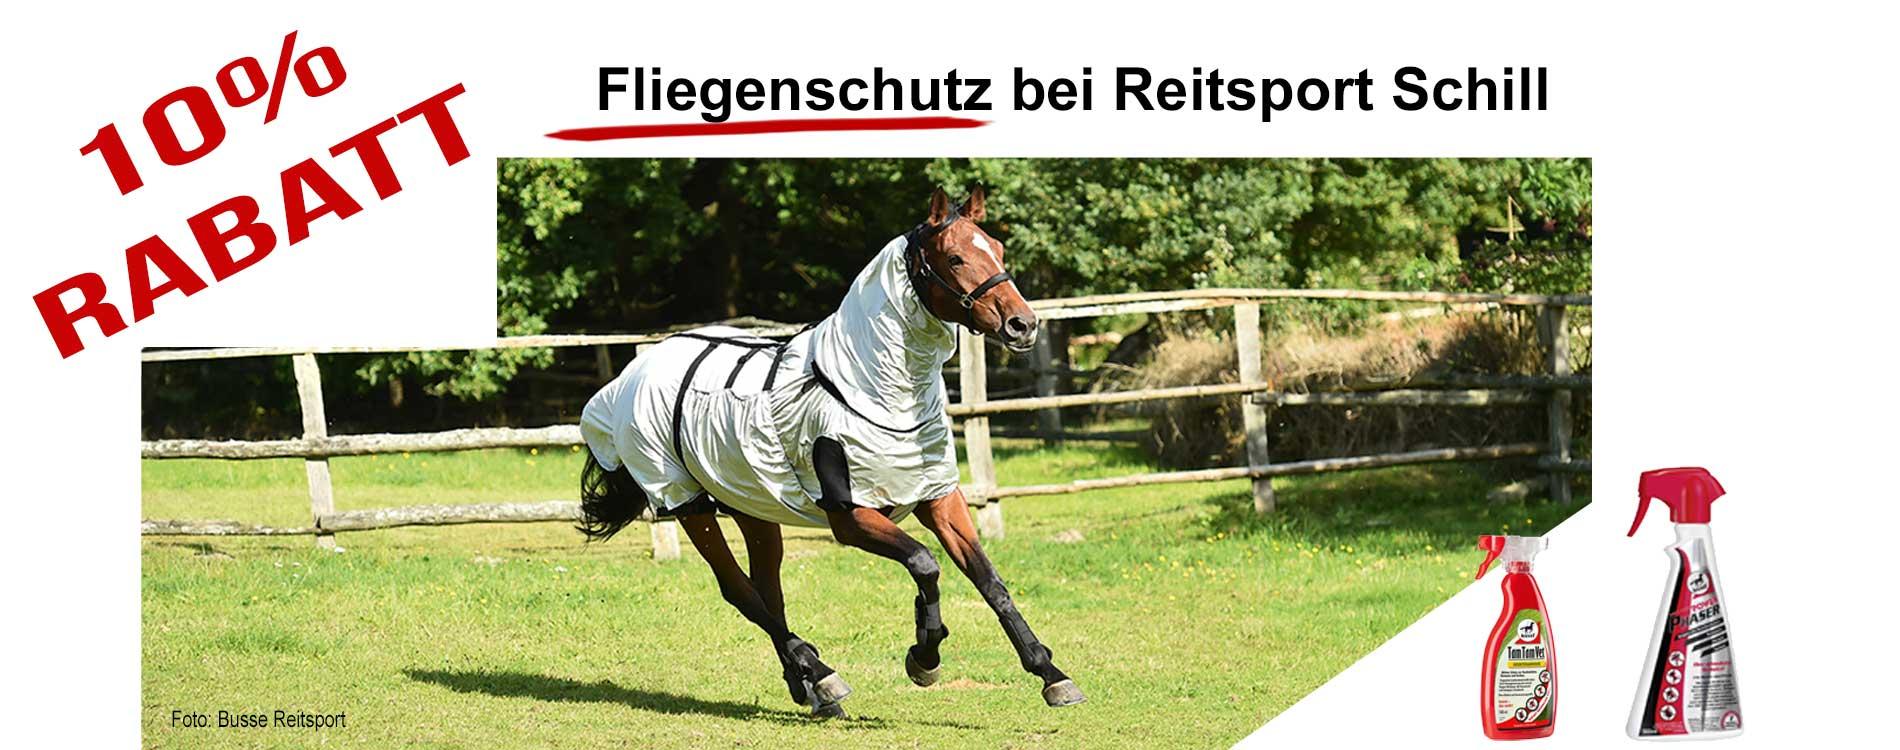 Fliegenschutz für Pferde, Fliegenspray, Fliegendecken, Fliegenmaske, Fliegenmaske